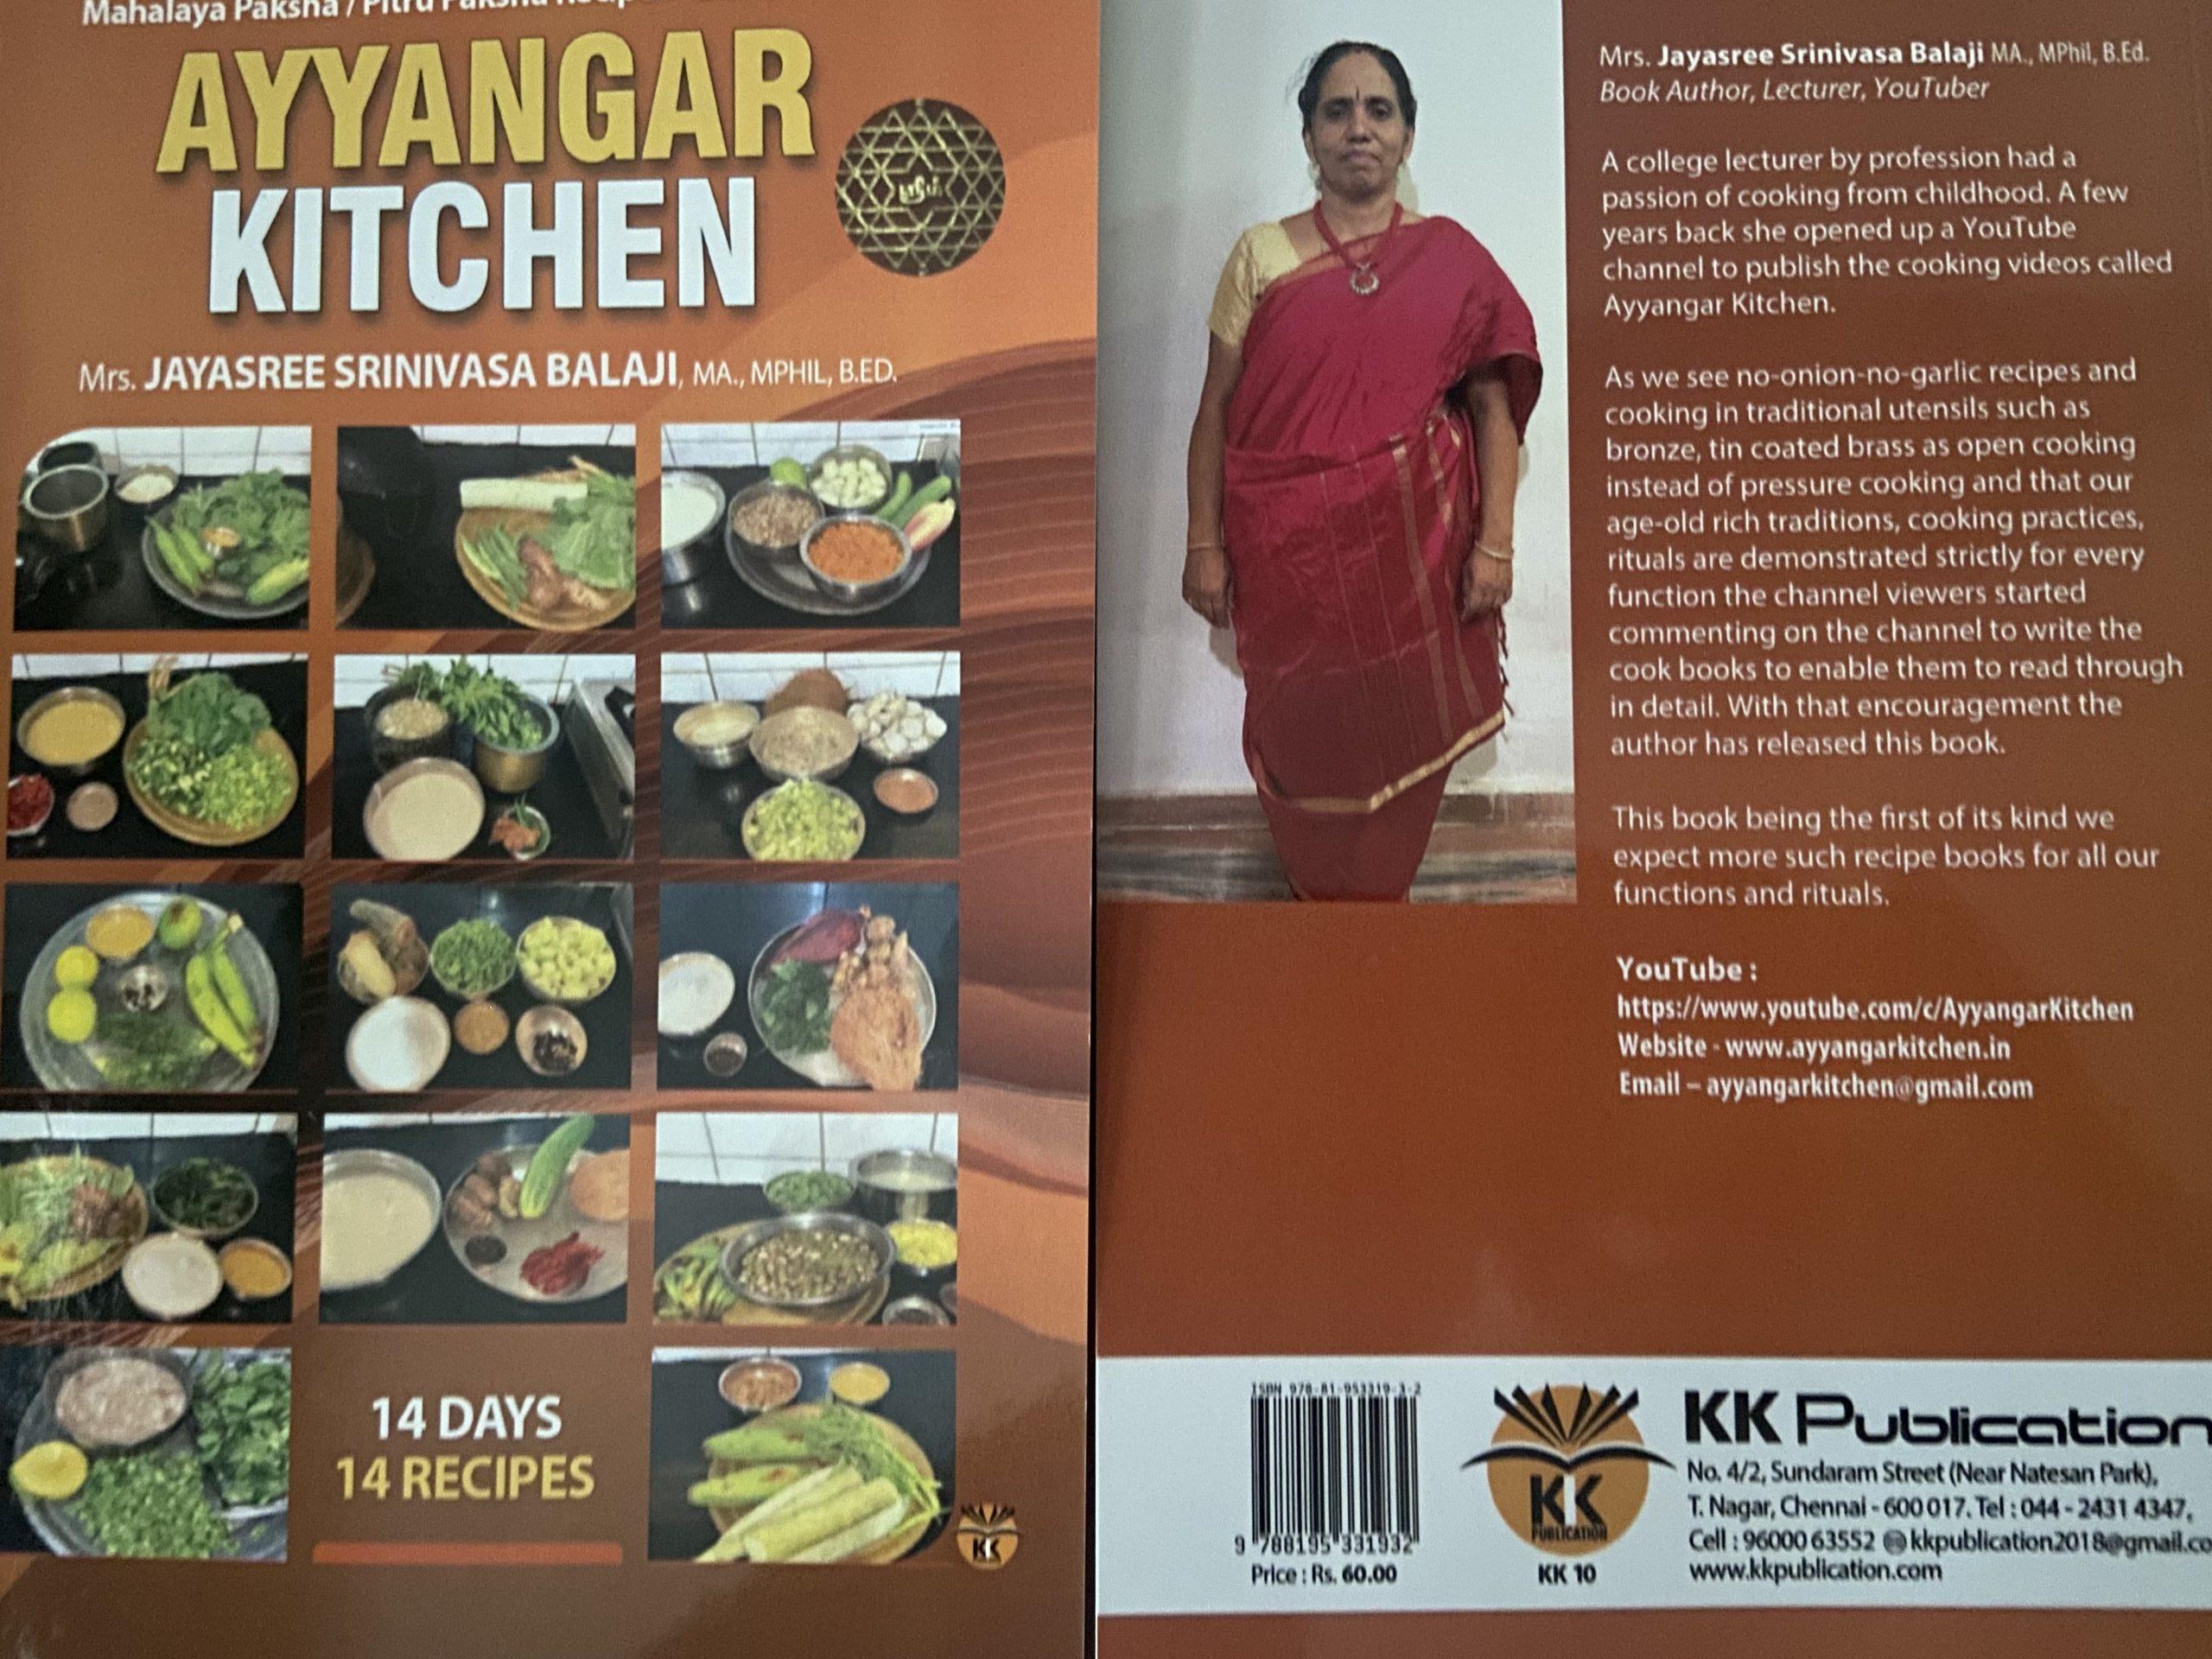 Mahalaya Paksham Recipes